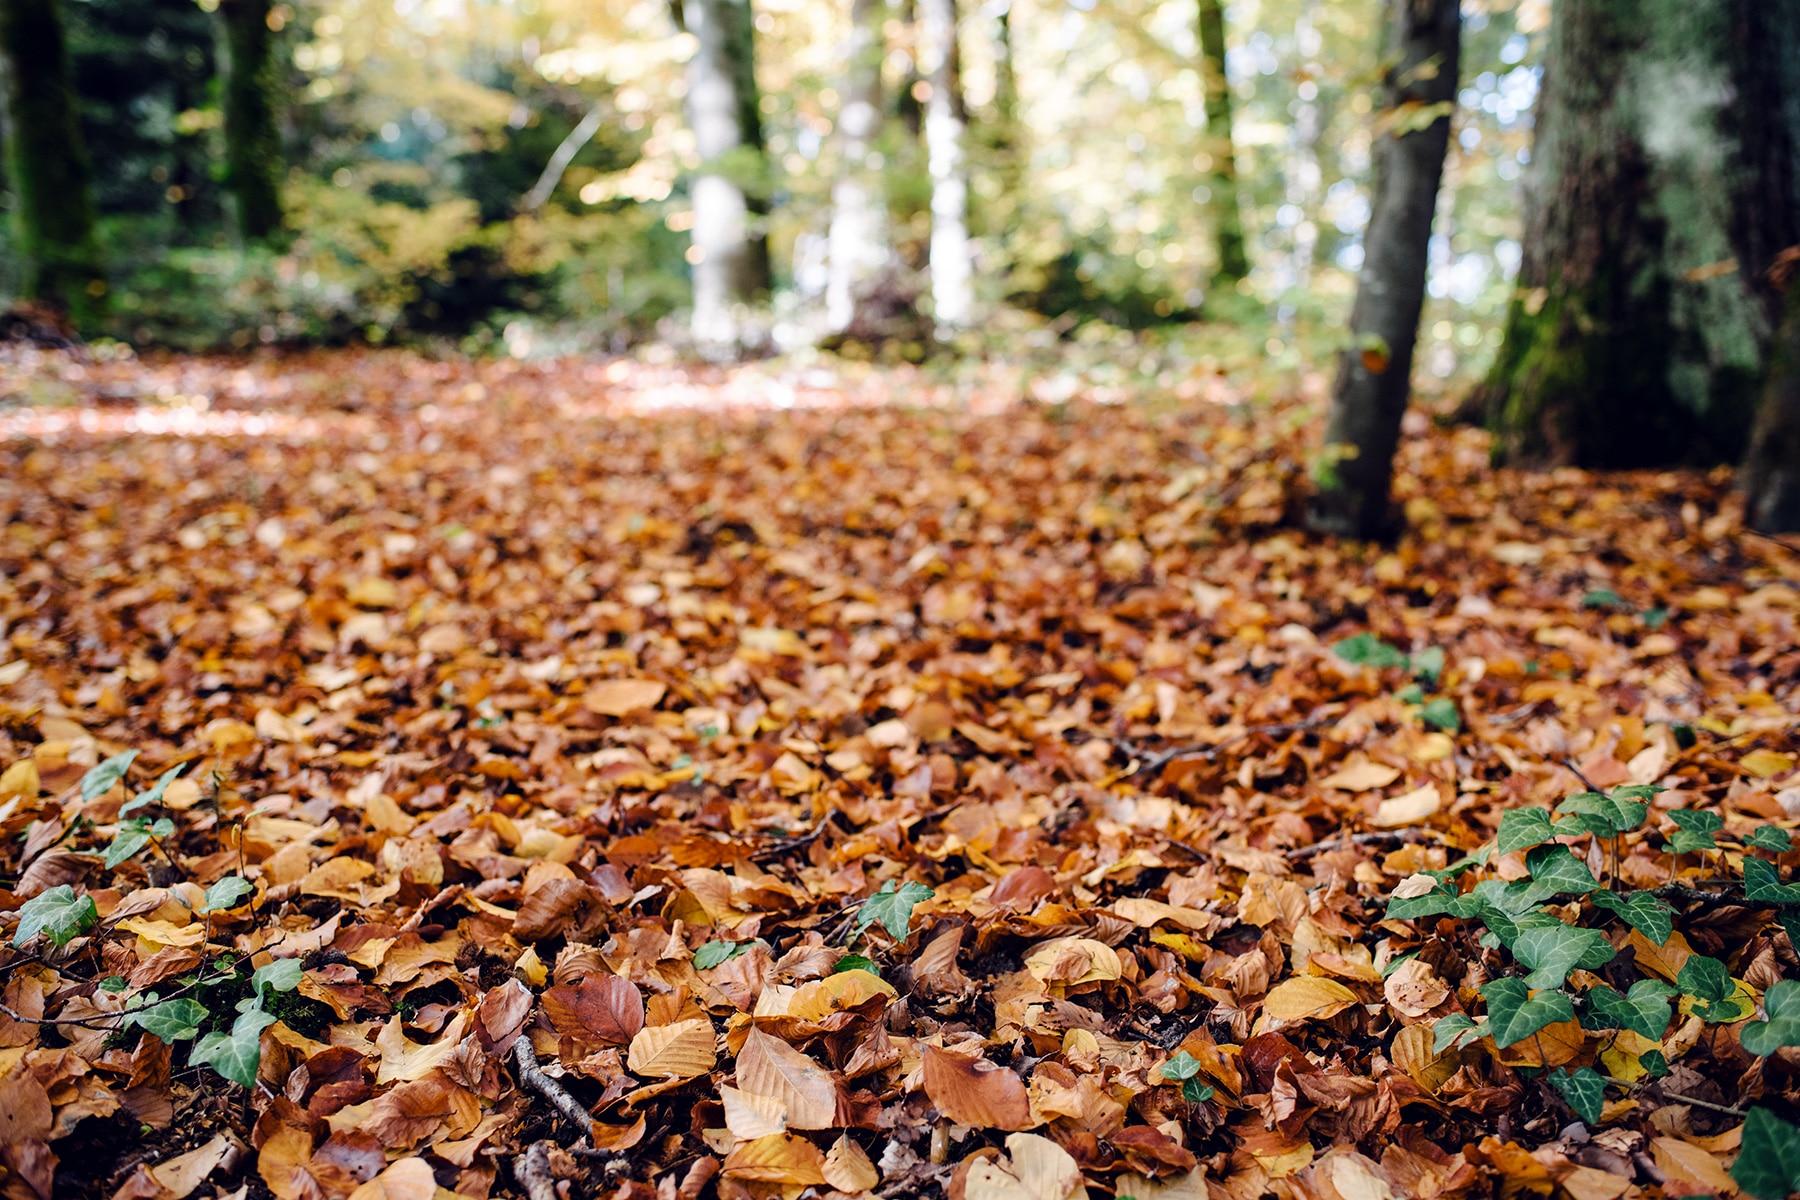 Tapis de feuilles mortes sur le sol d'une forêt –Promenade automnale dans la forêt de Petinesca